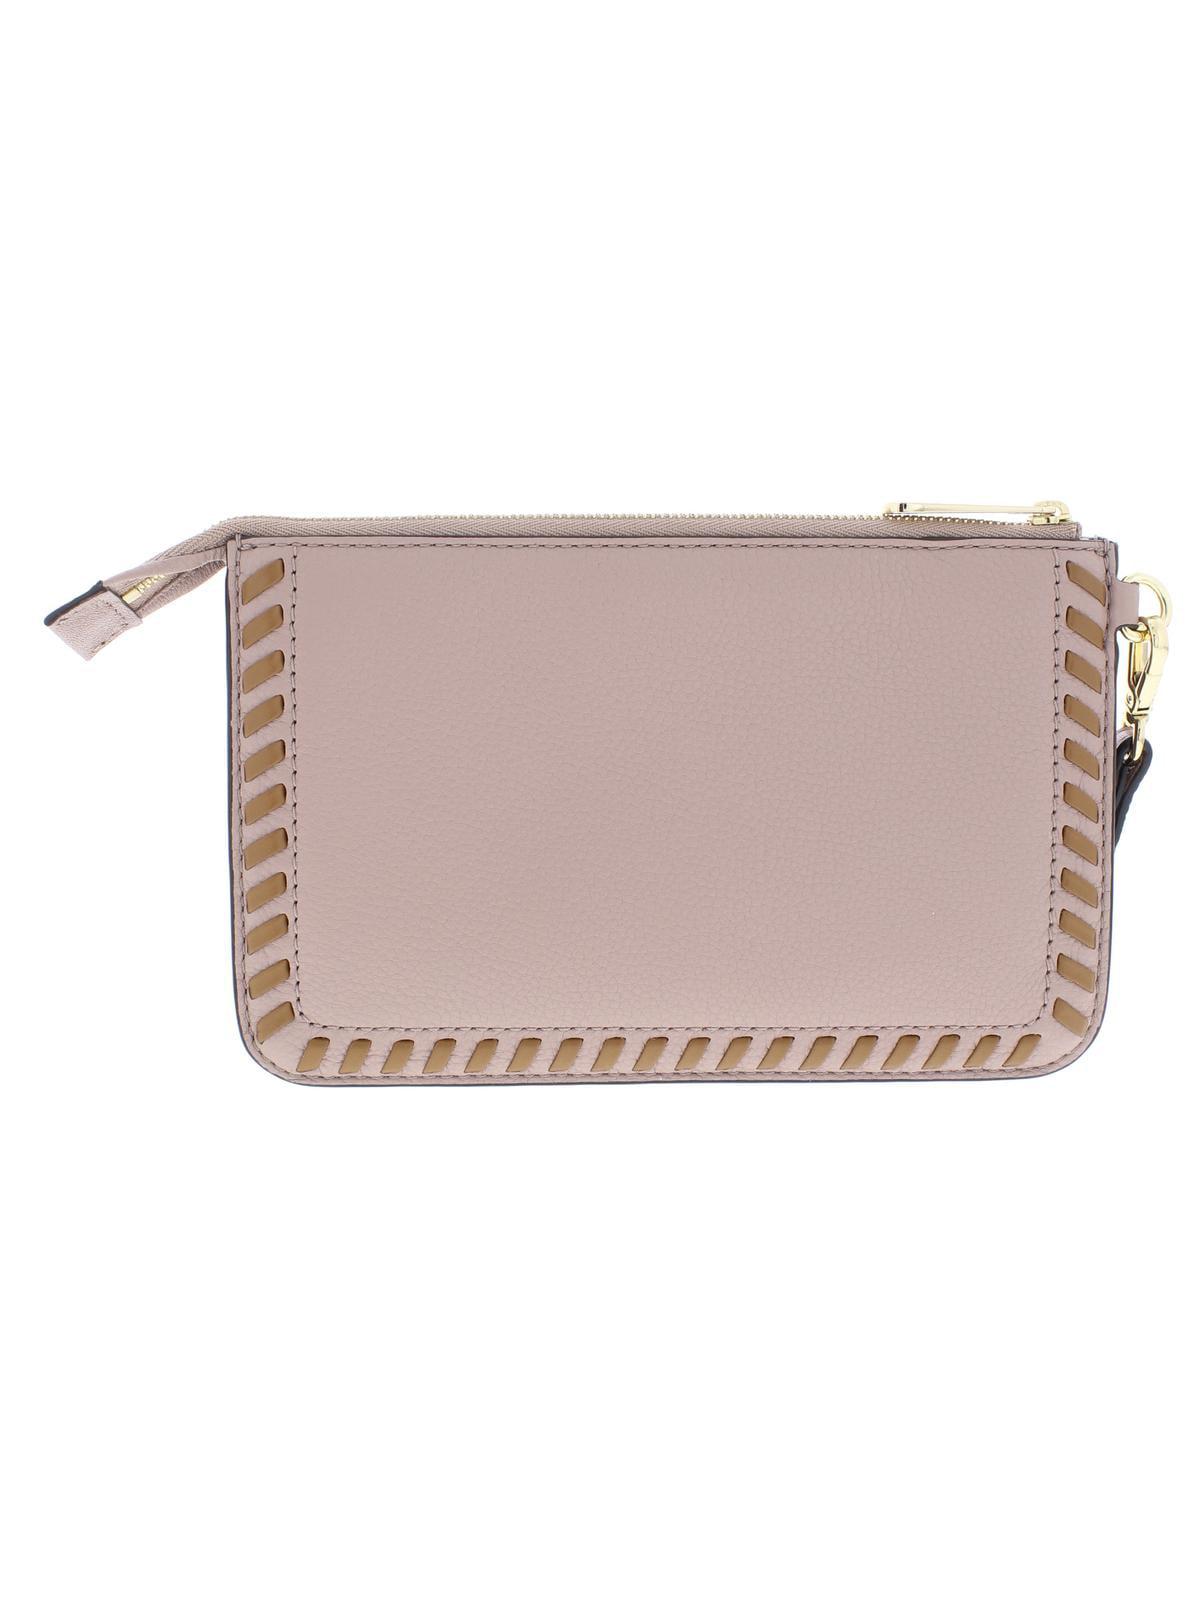 a02e24cc300963 MICHAEL Michael Kors - MICHAEL Michael Kors Womens Lauryn Leather Pouch  Wristlet Wallet - Walmart.com